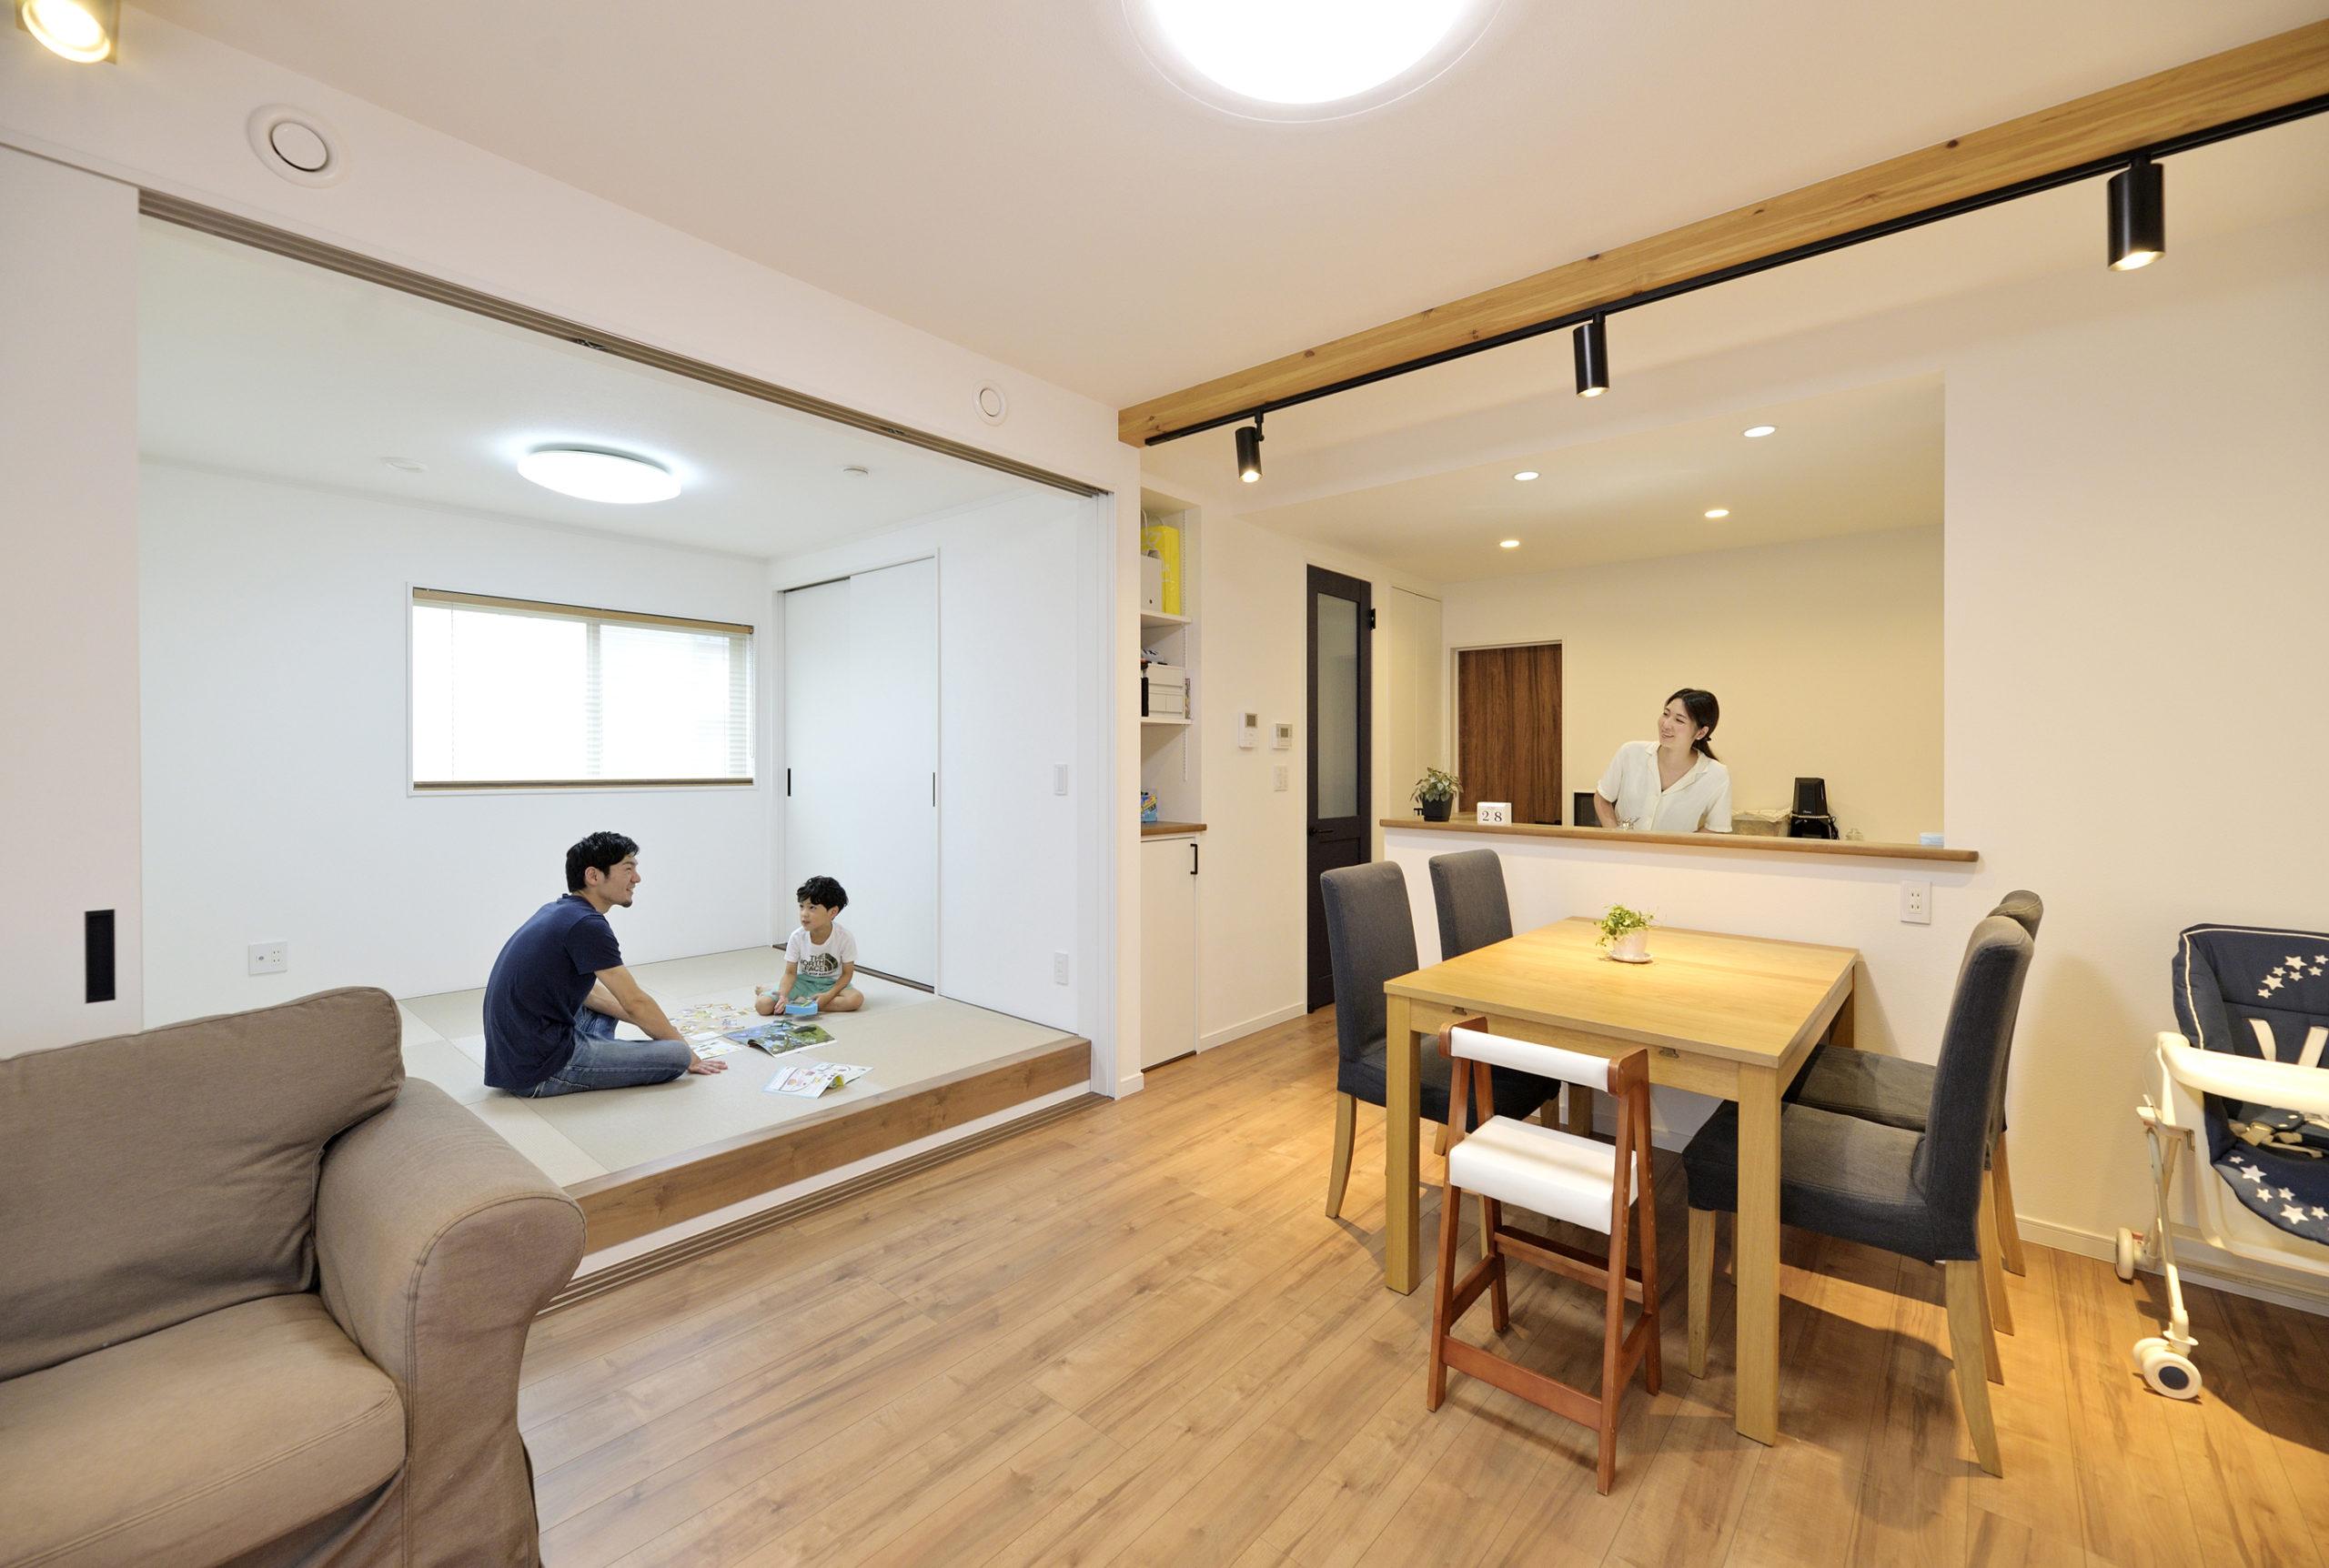 高性能住宅に暮らす「安心・快適・楽しい」に包まれる家